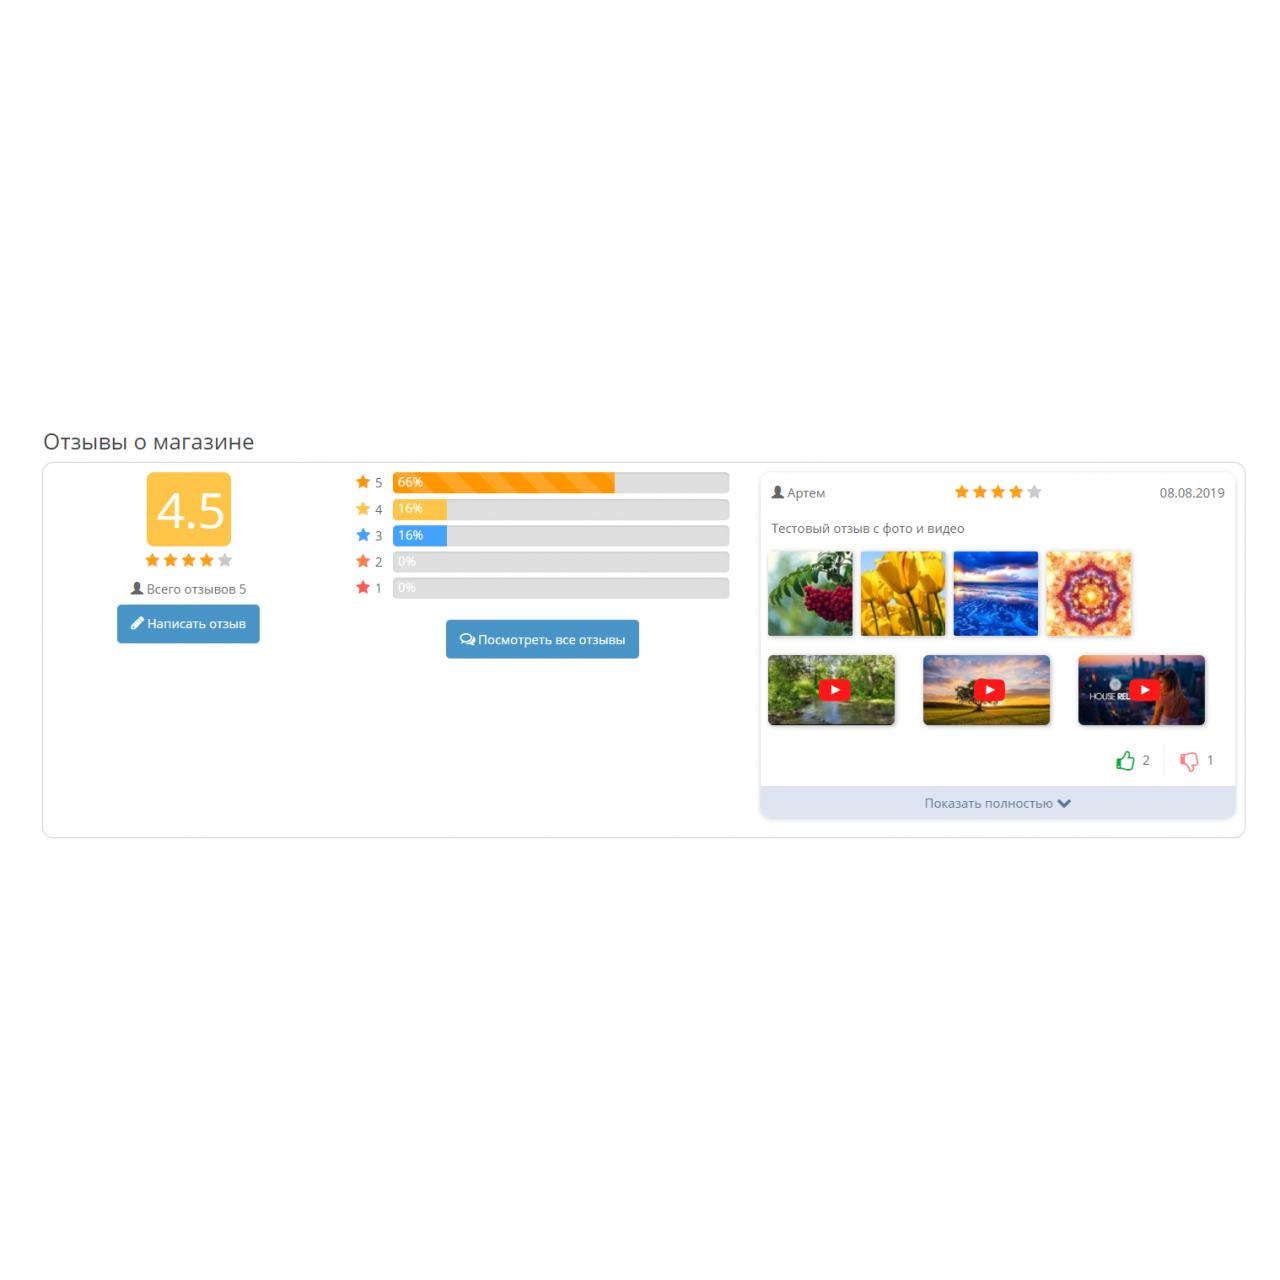 Отзывы о товарах + Отзывы о магазине, с фото и видео, лайками и комментариями + система вознаграждений за отзывы. из категории Социальные сети, отзывы для CMS OpenCart (ОпенКарт)